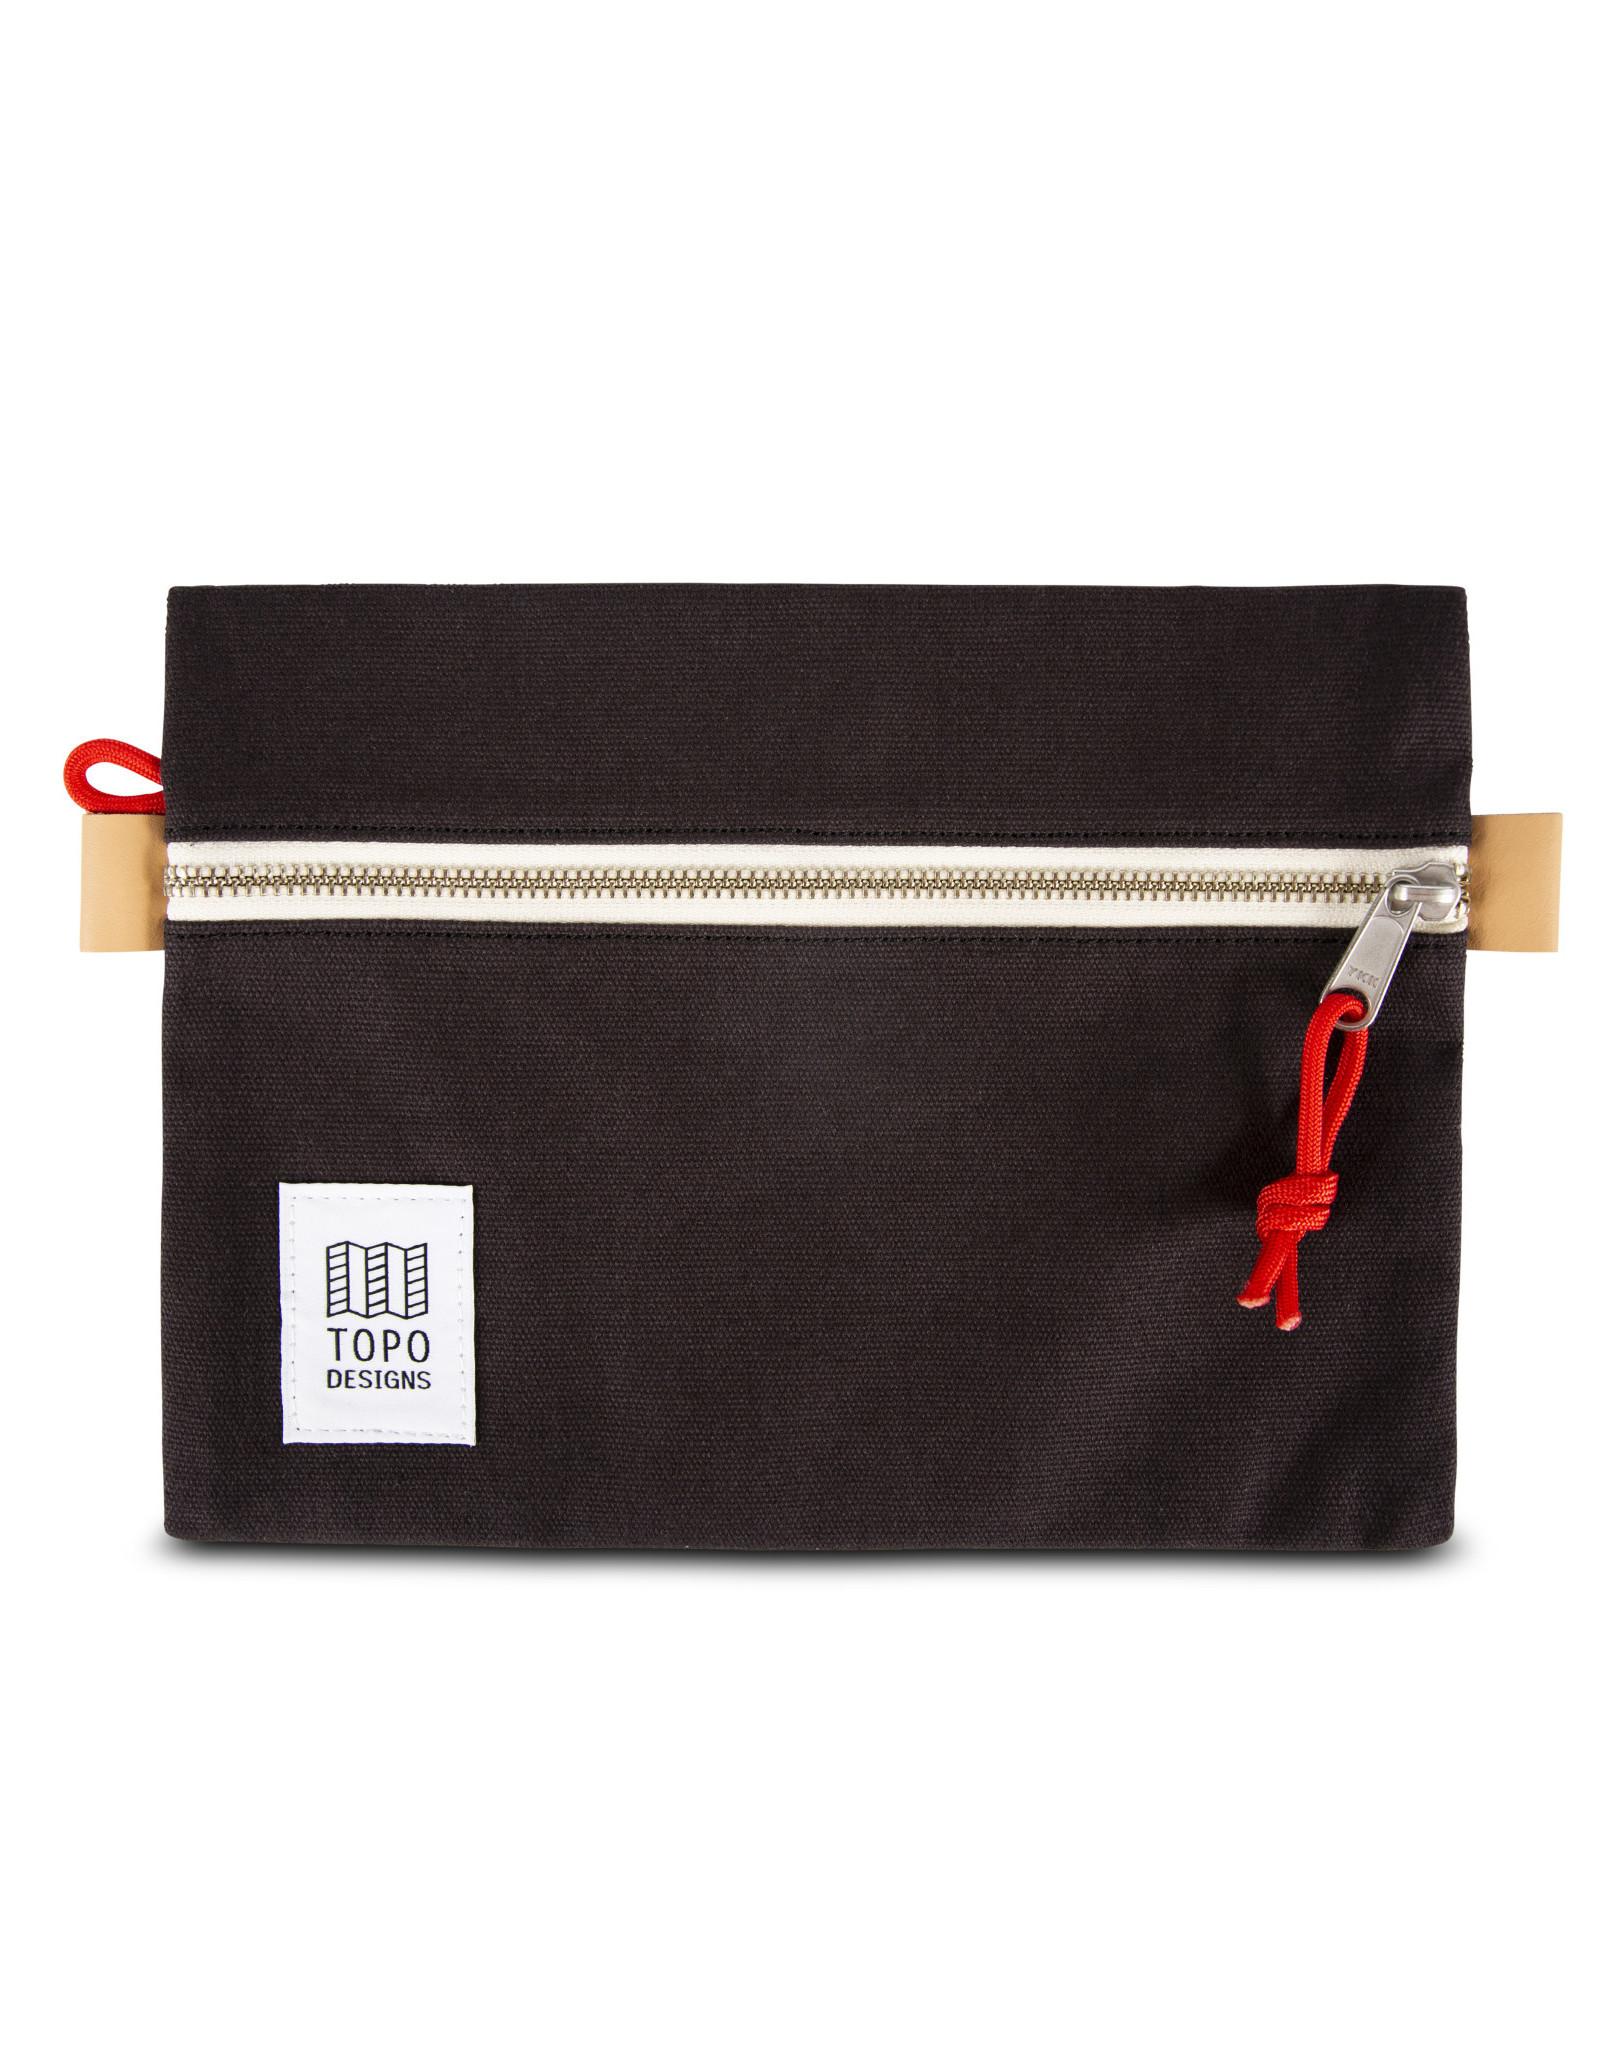 Topo Accessory Bag Medium - Black